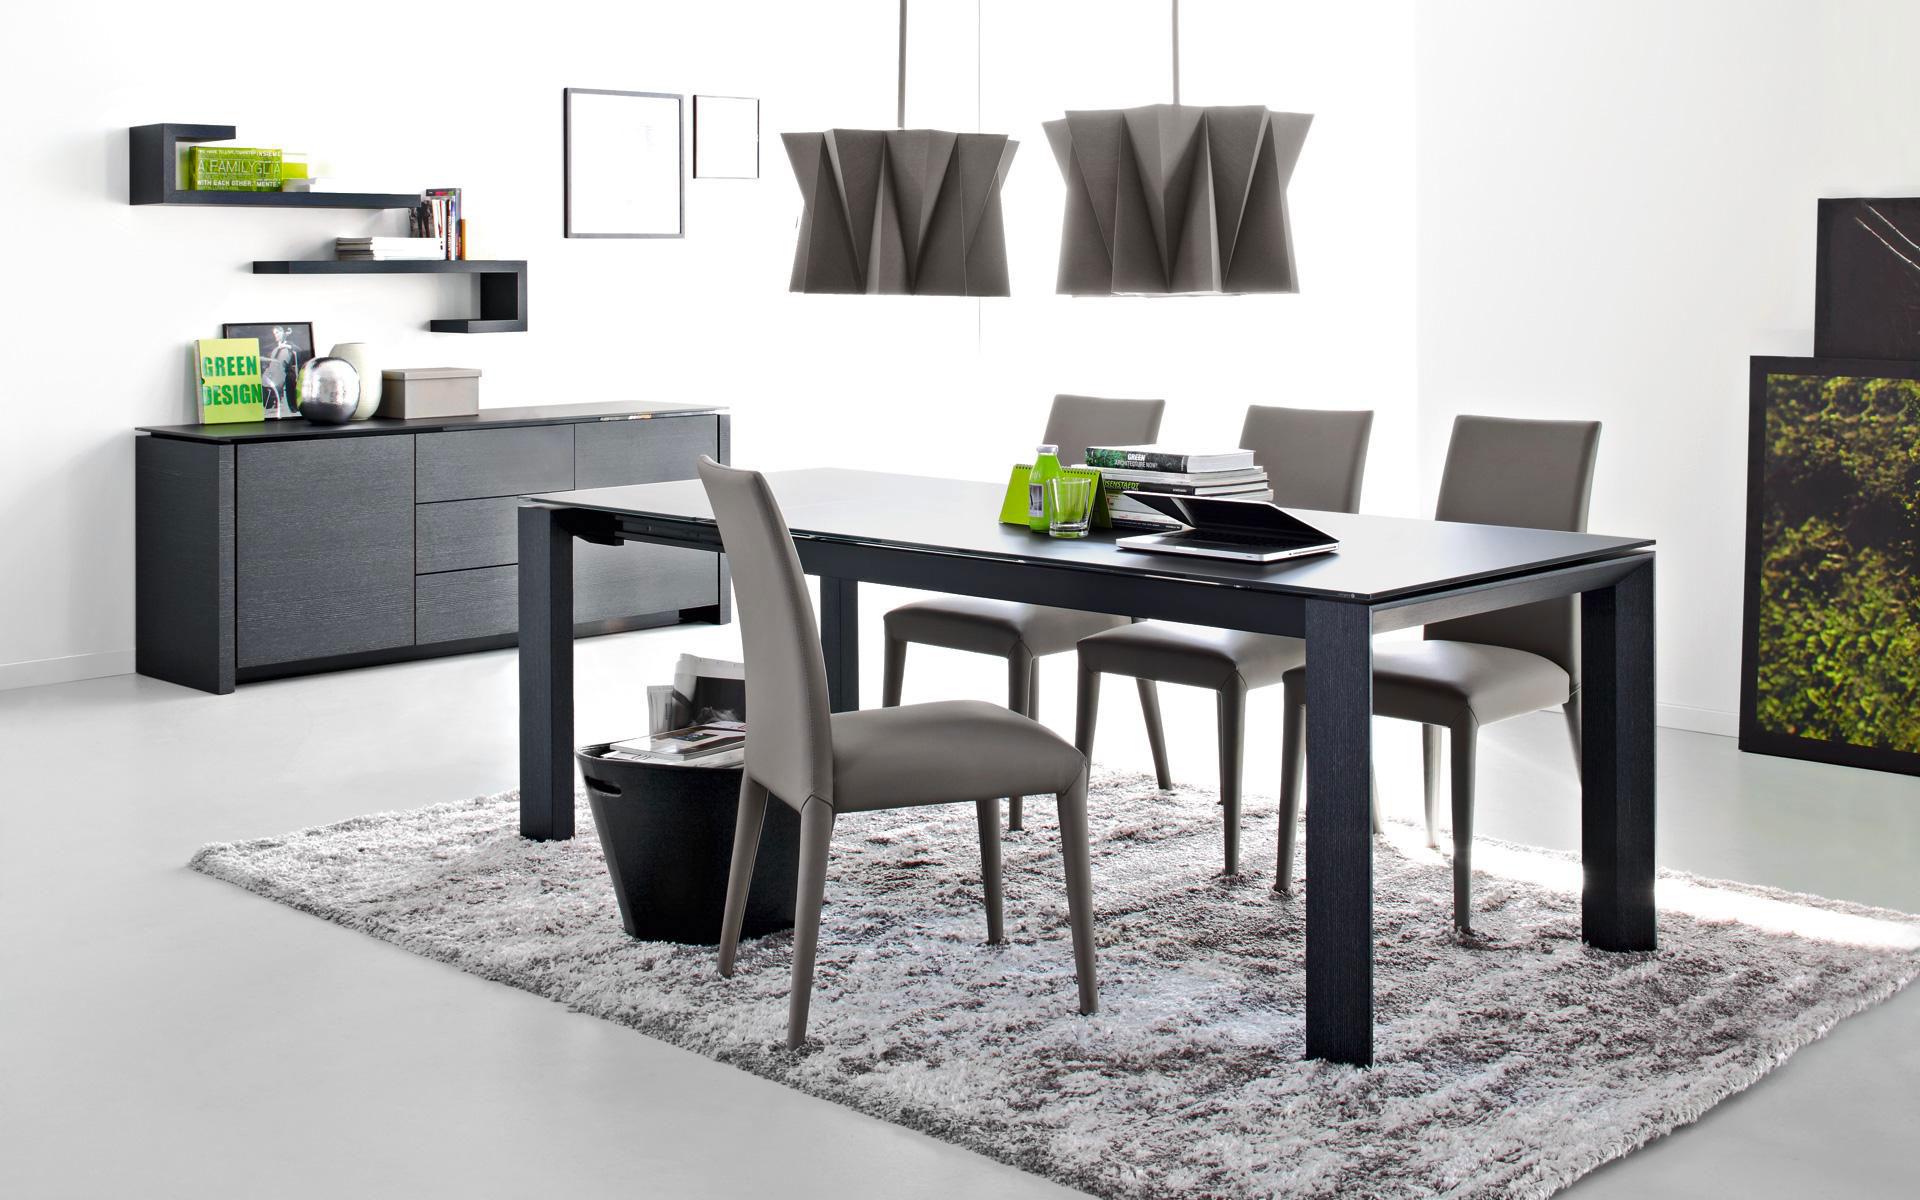 Stunning Soggiorni Calligaris Contemporary - Idee Arredamento Casa ...